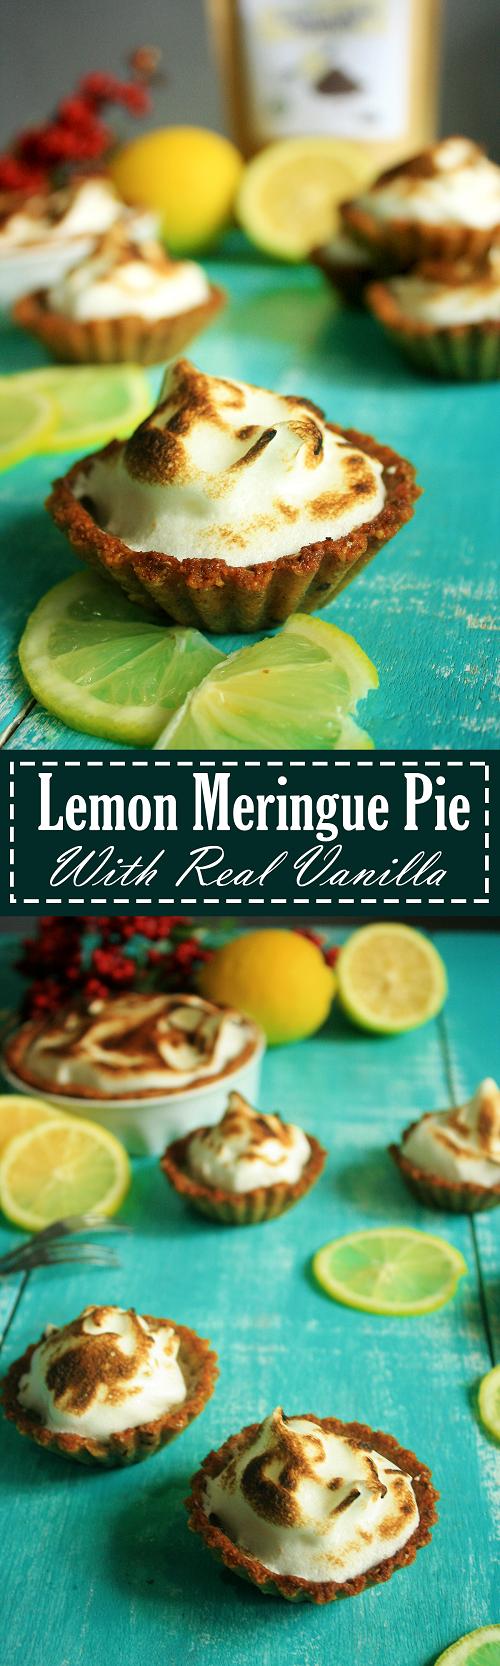 Lemon Meringue Pie Recipe by Summer Day Naturals